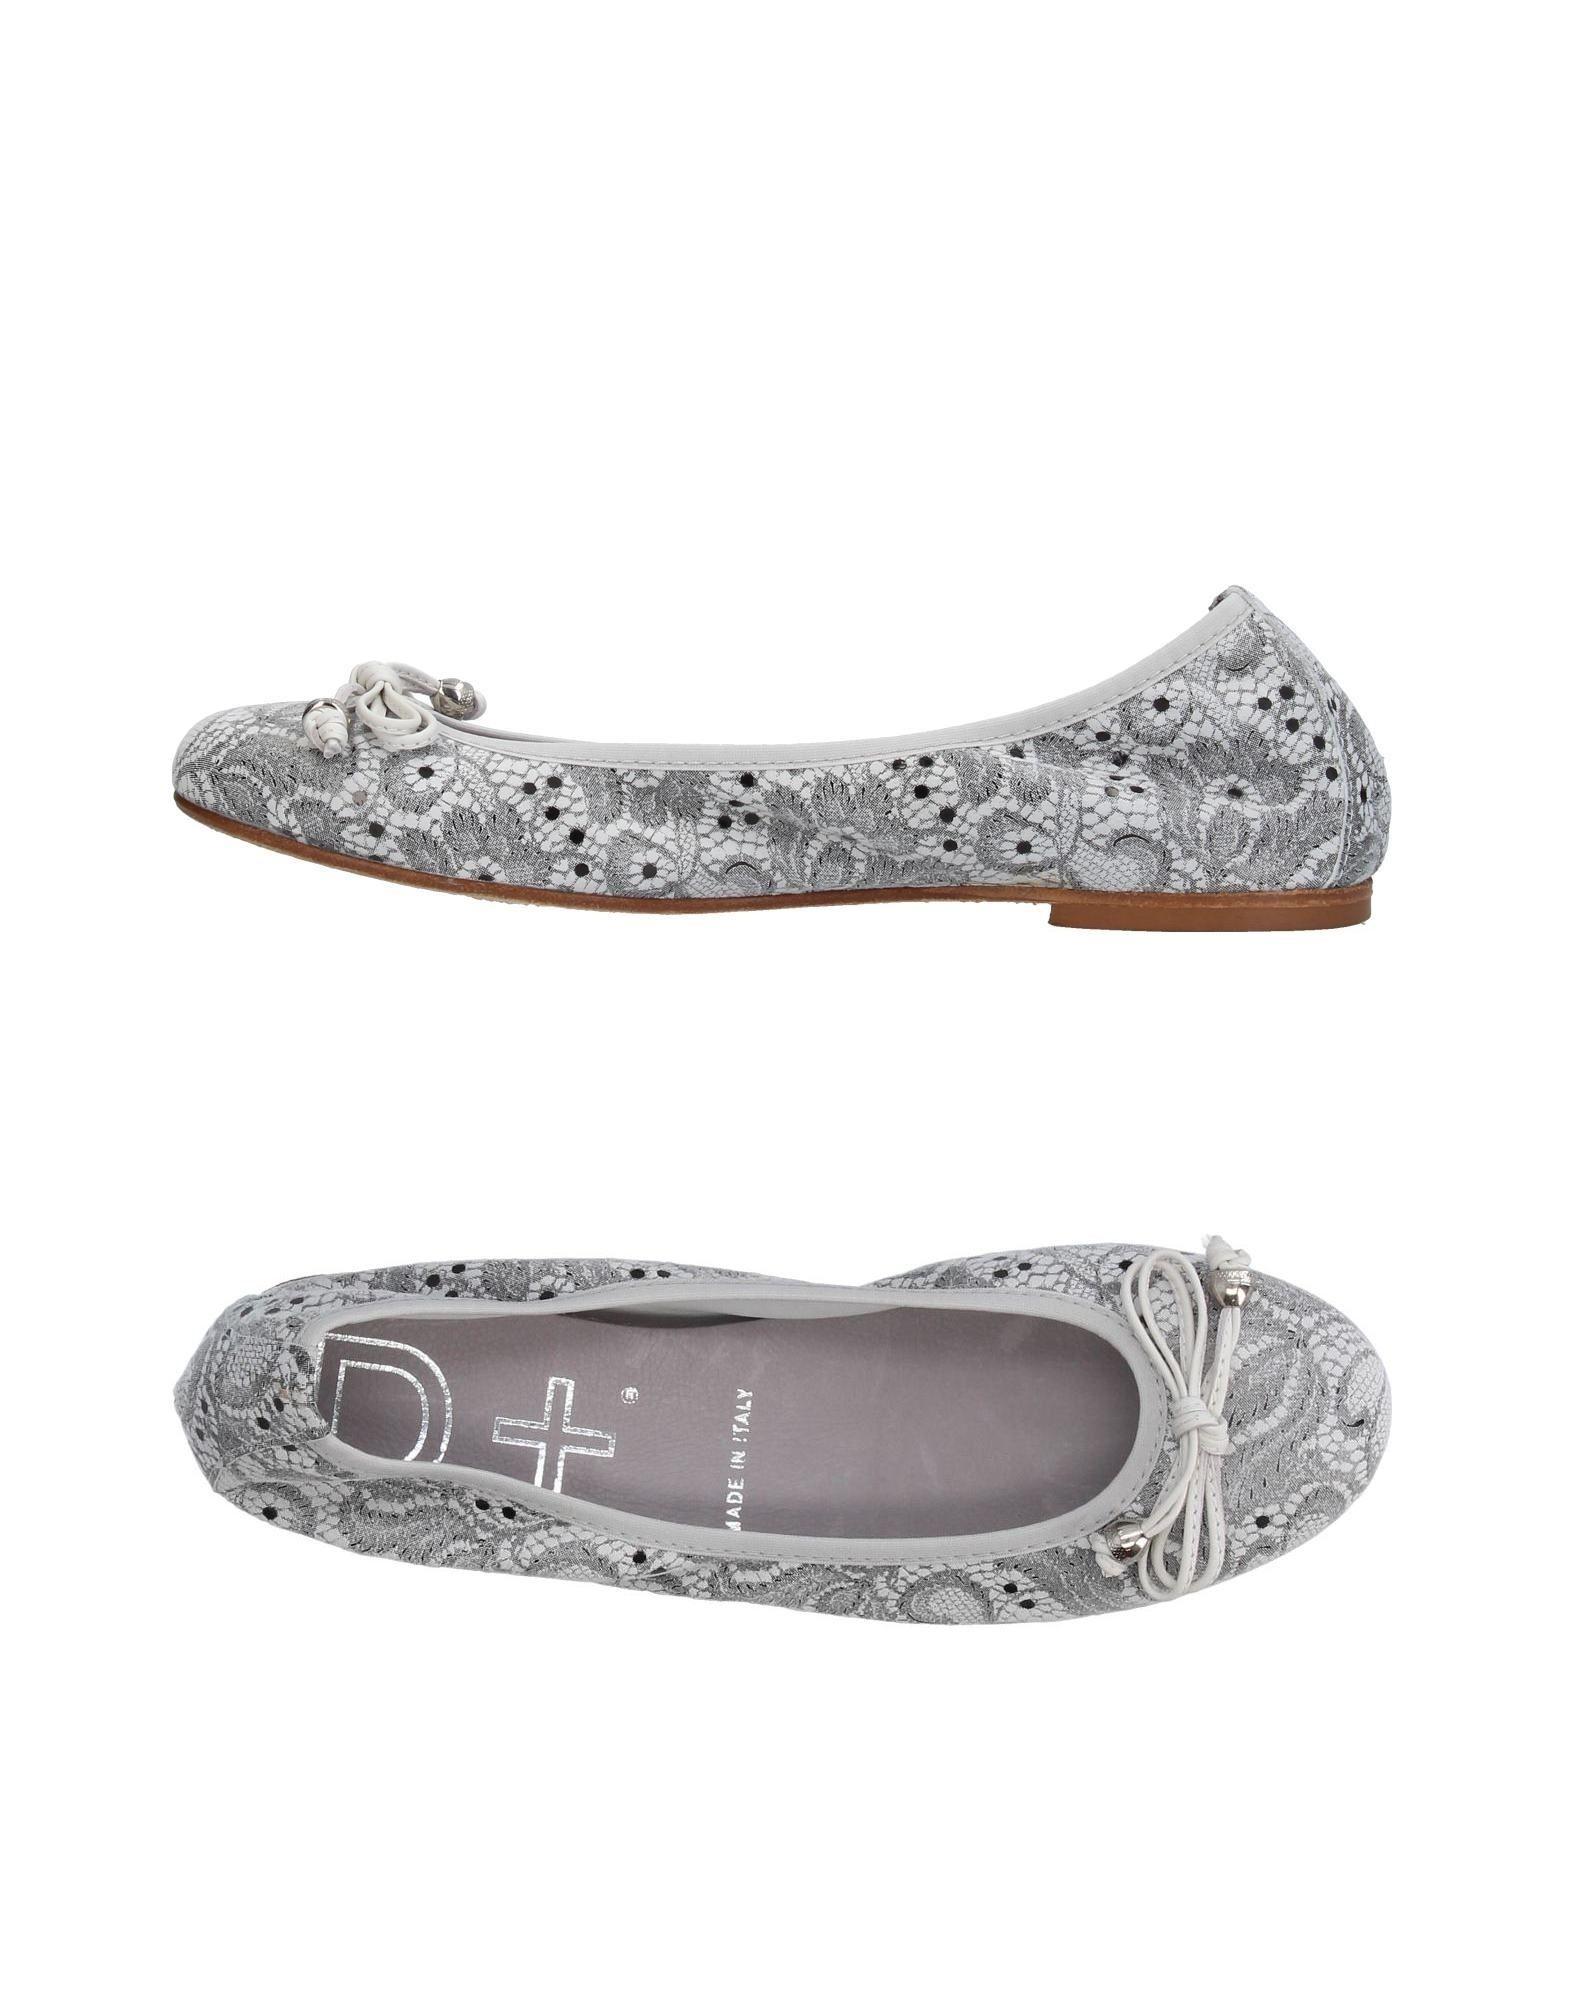 Ballerine D+ Donna - 11402852CL Scarpe economiche e buone